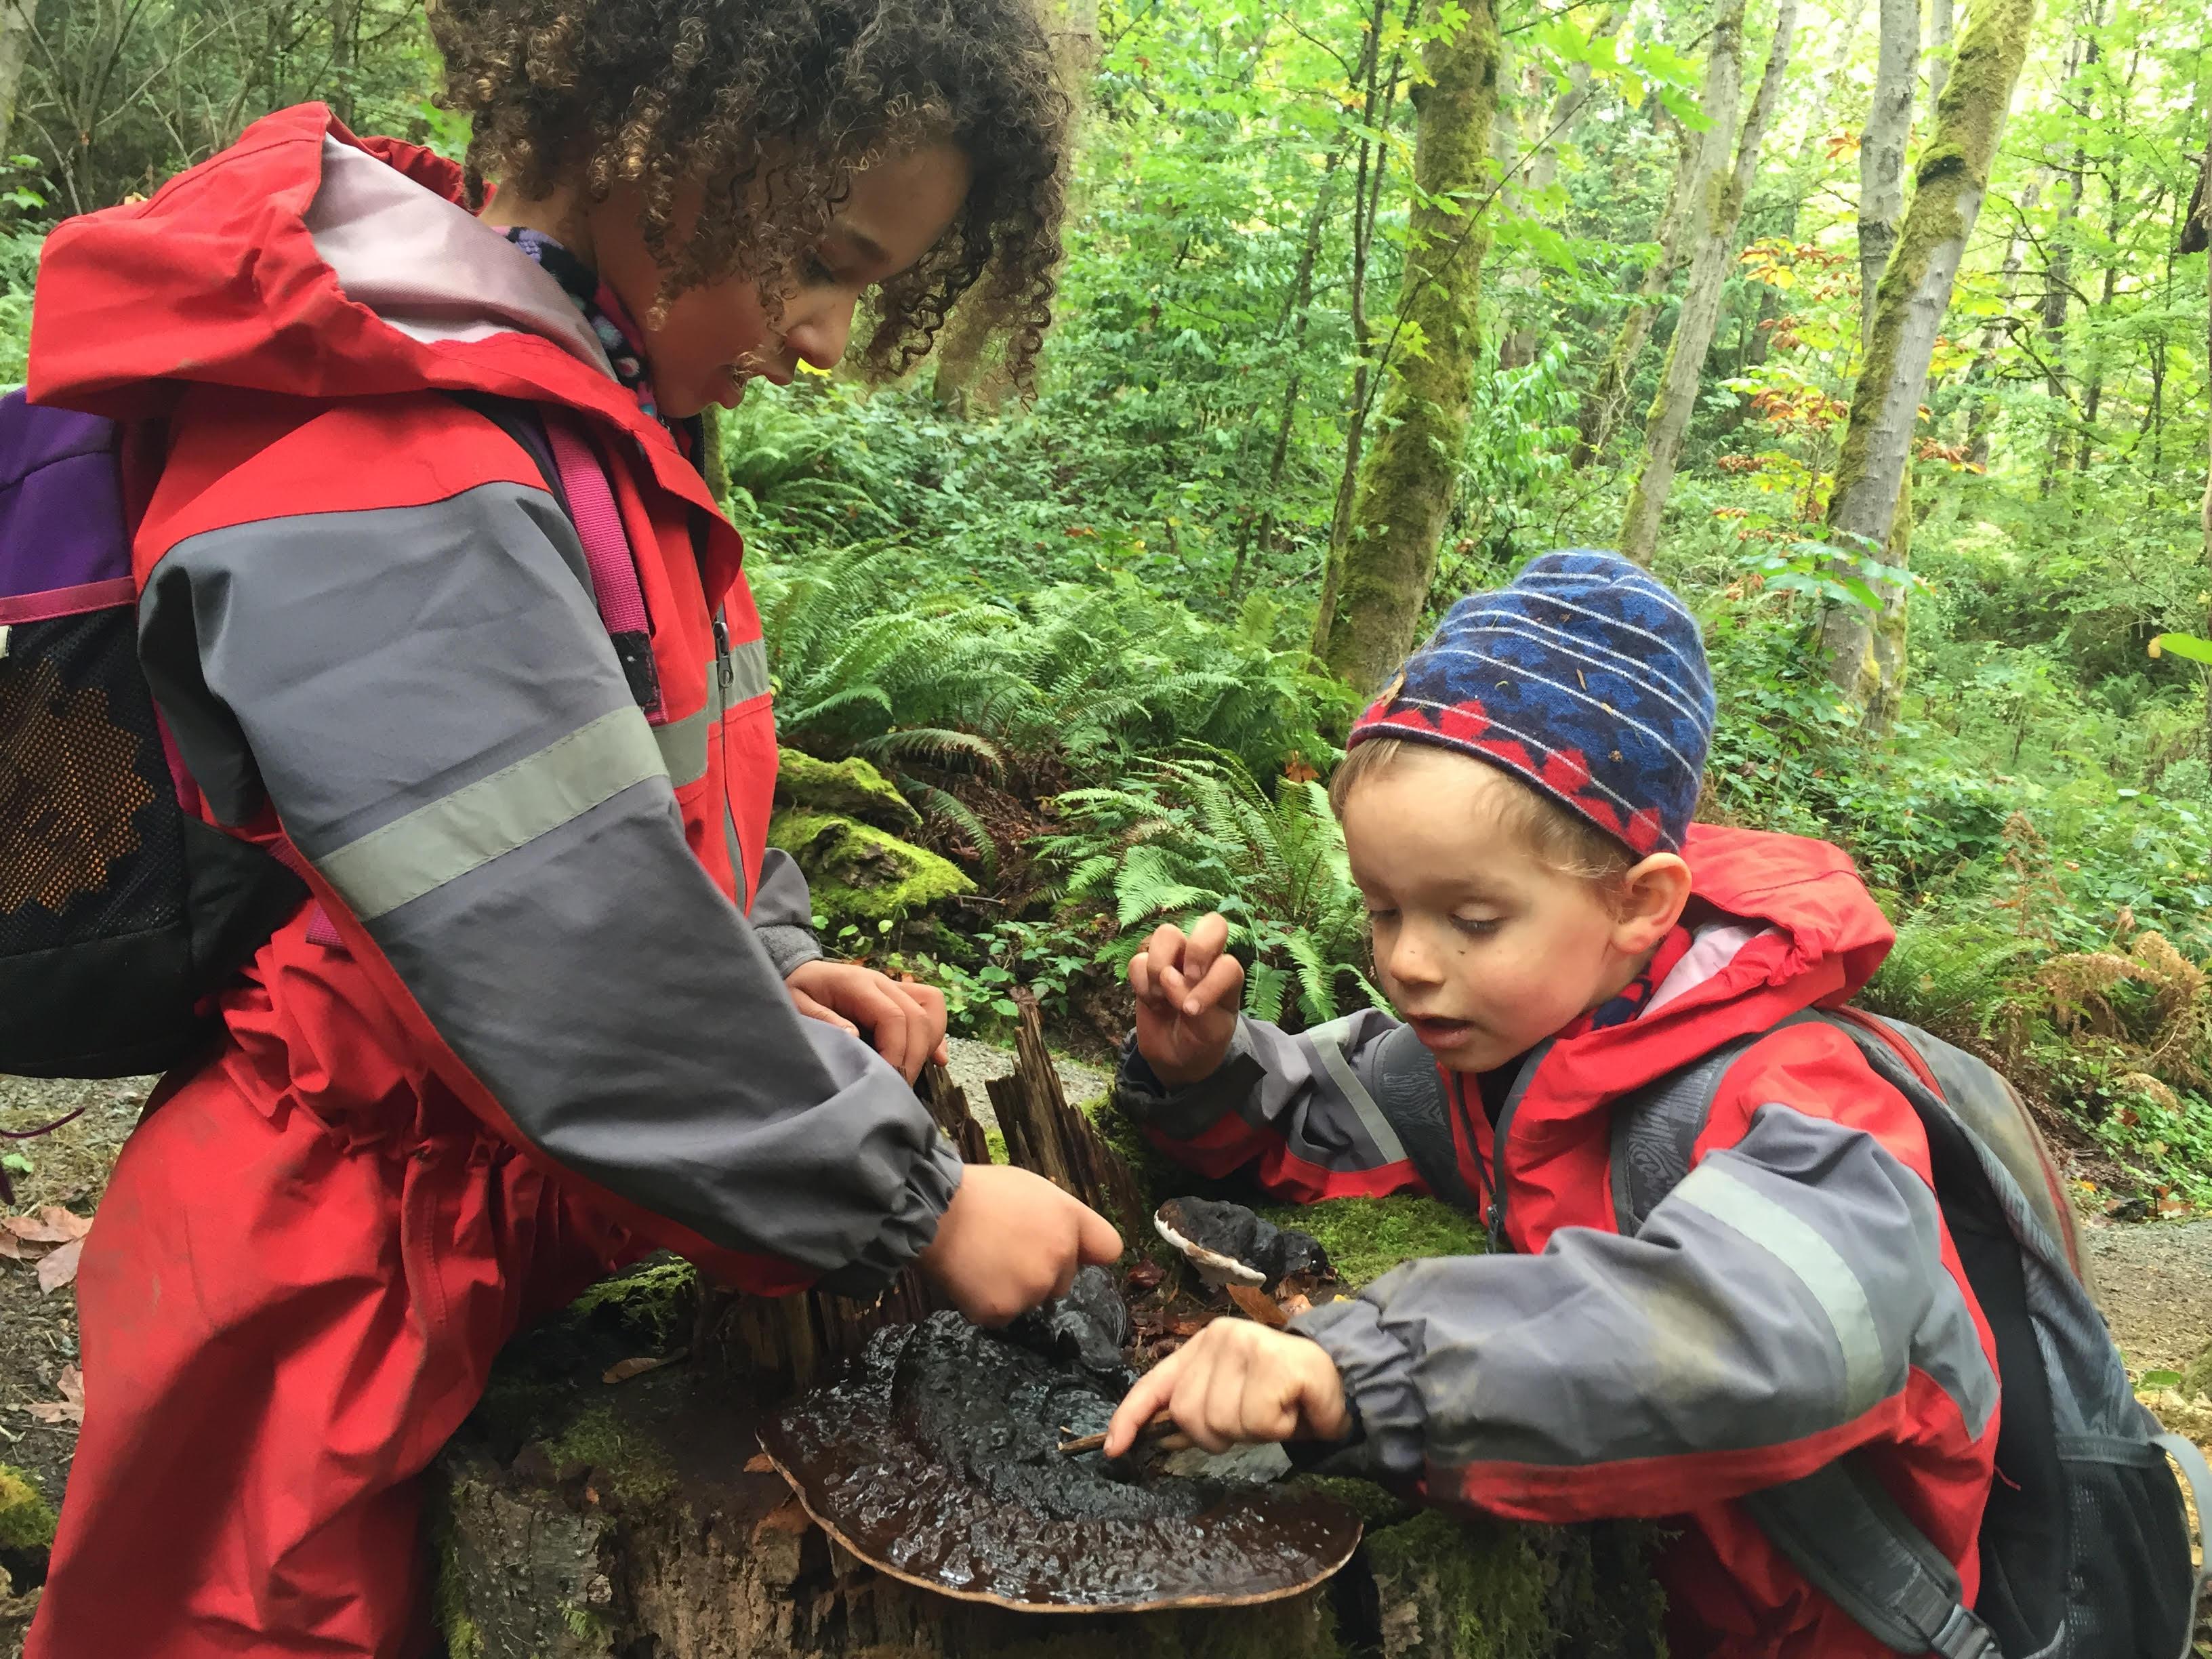 west seattle outdoor preschoolers exploring fungus